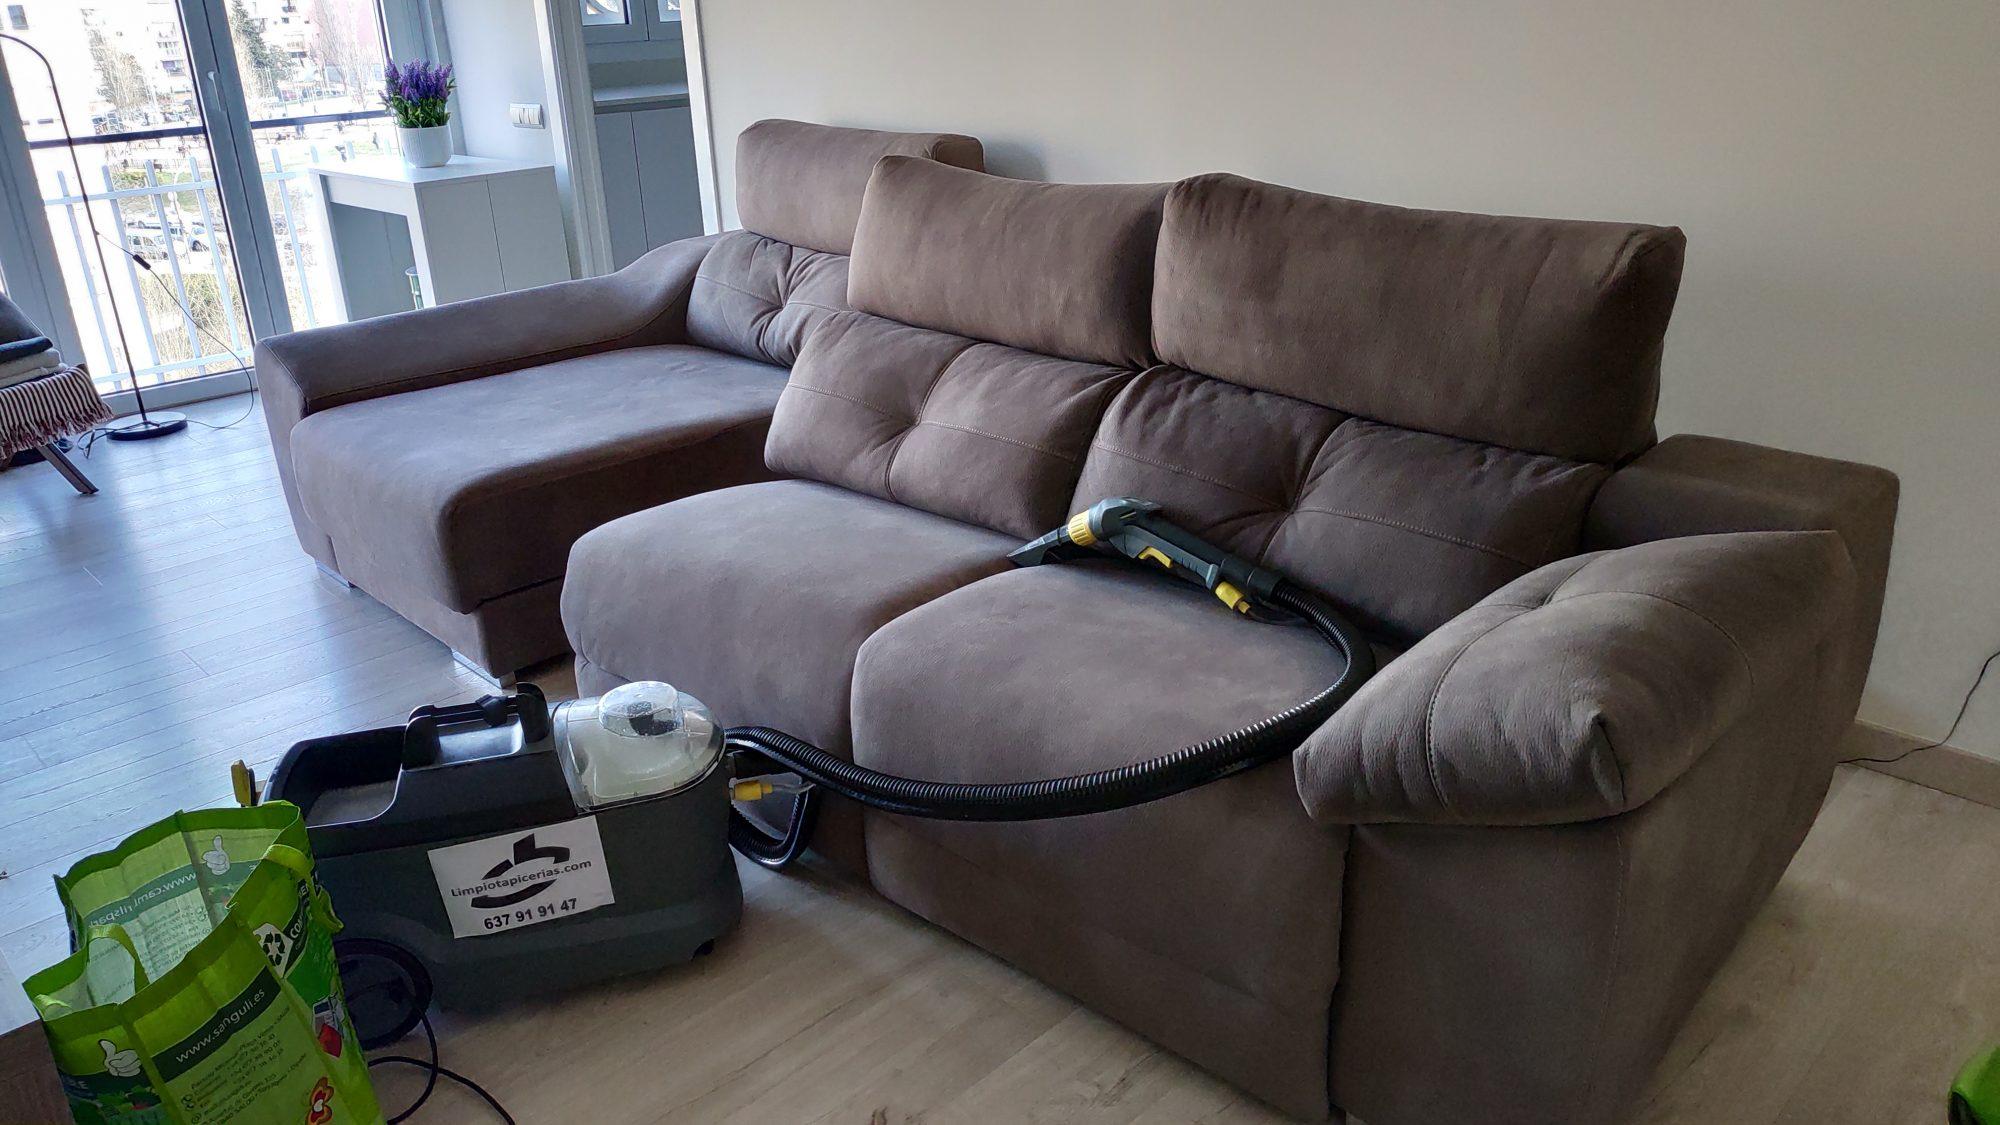 Limpiar-el-sofá-una-tarea-para-expertos-1